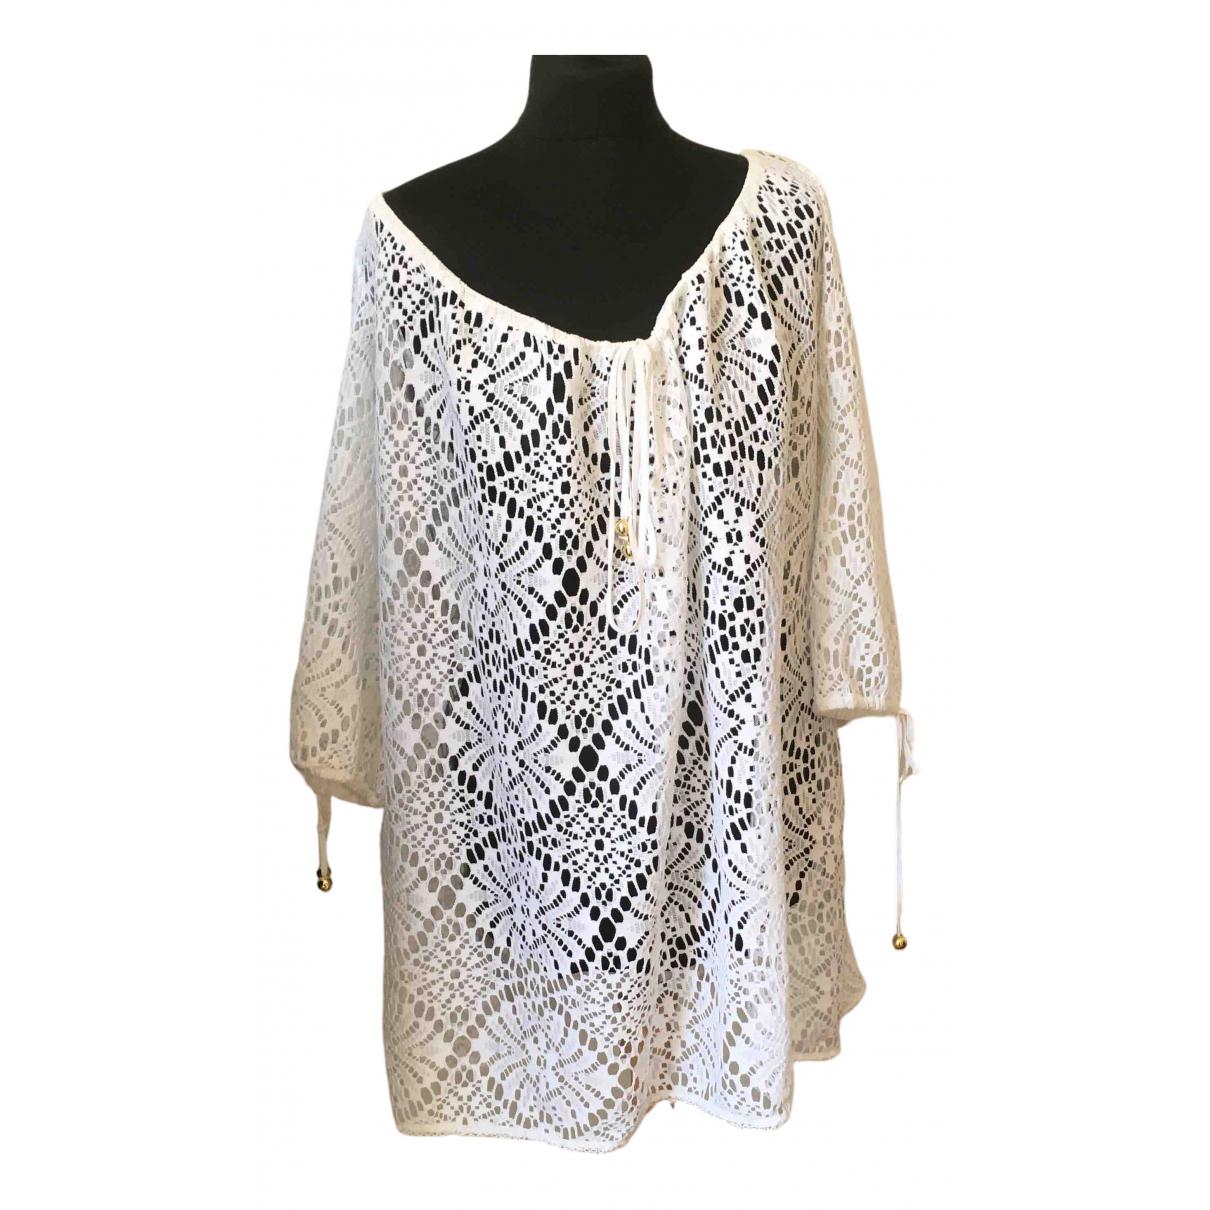 Milly \N Kleid in  Weiss Baumwolle - Elasthan